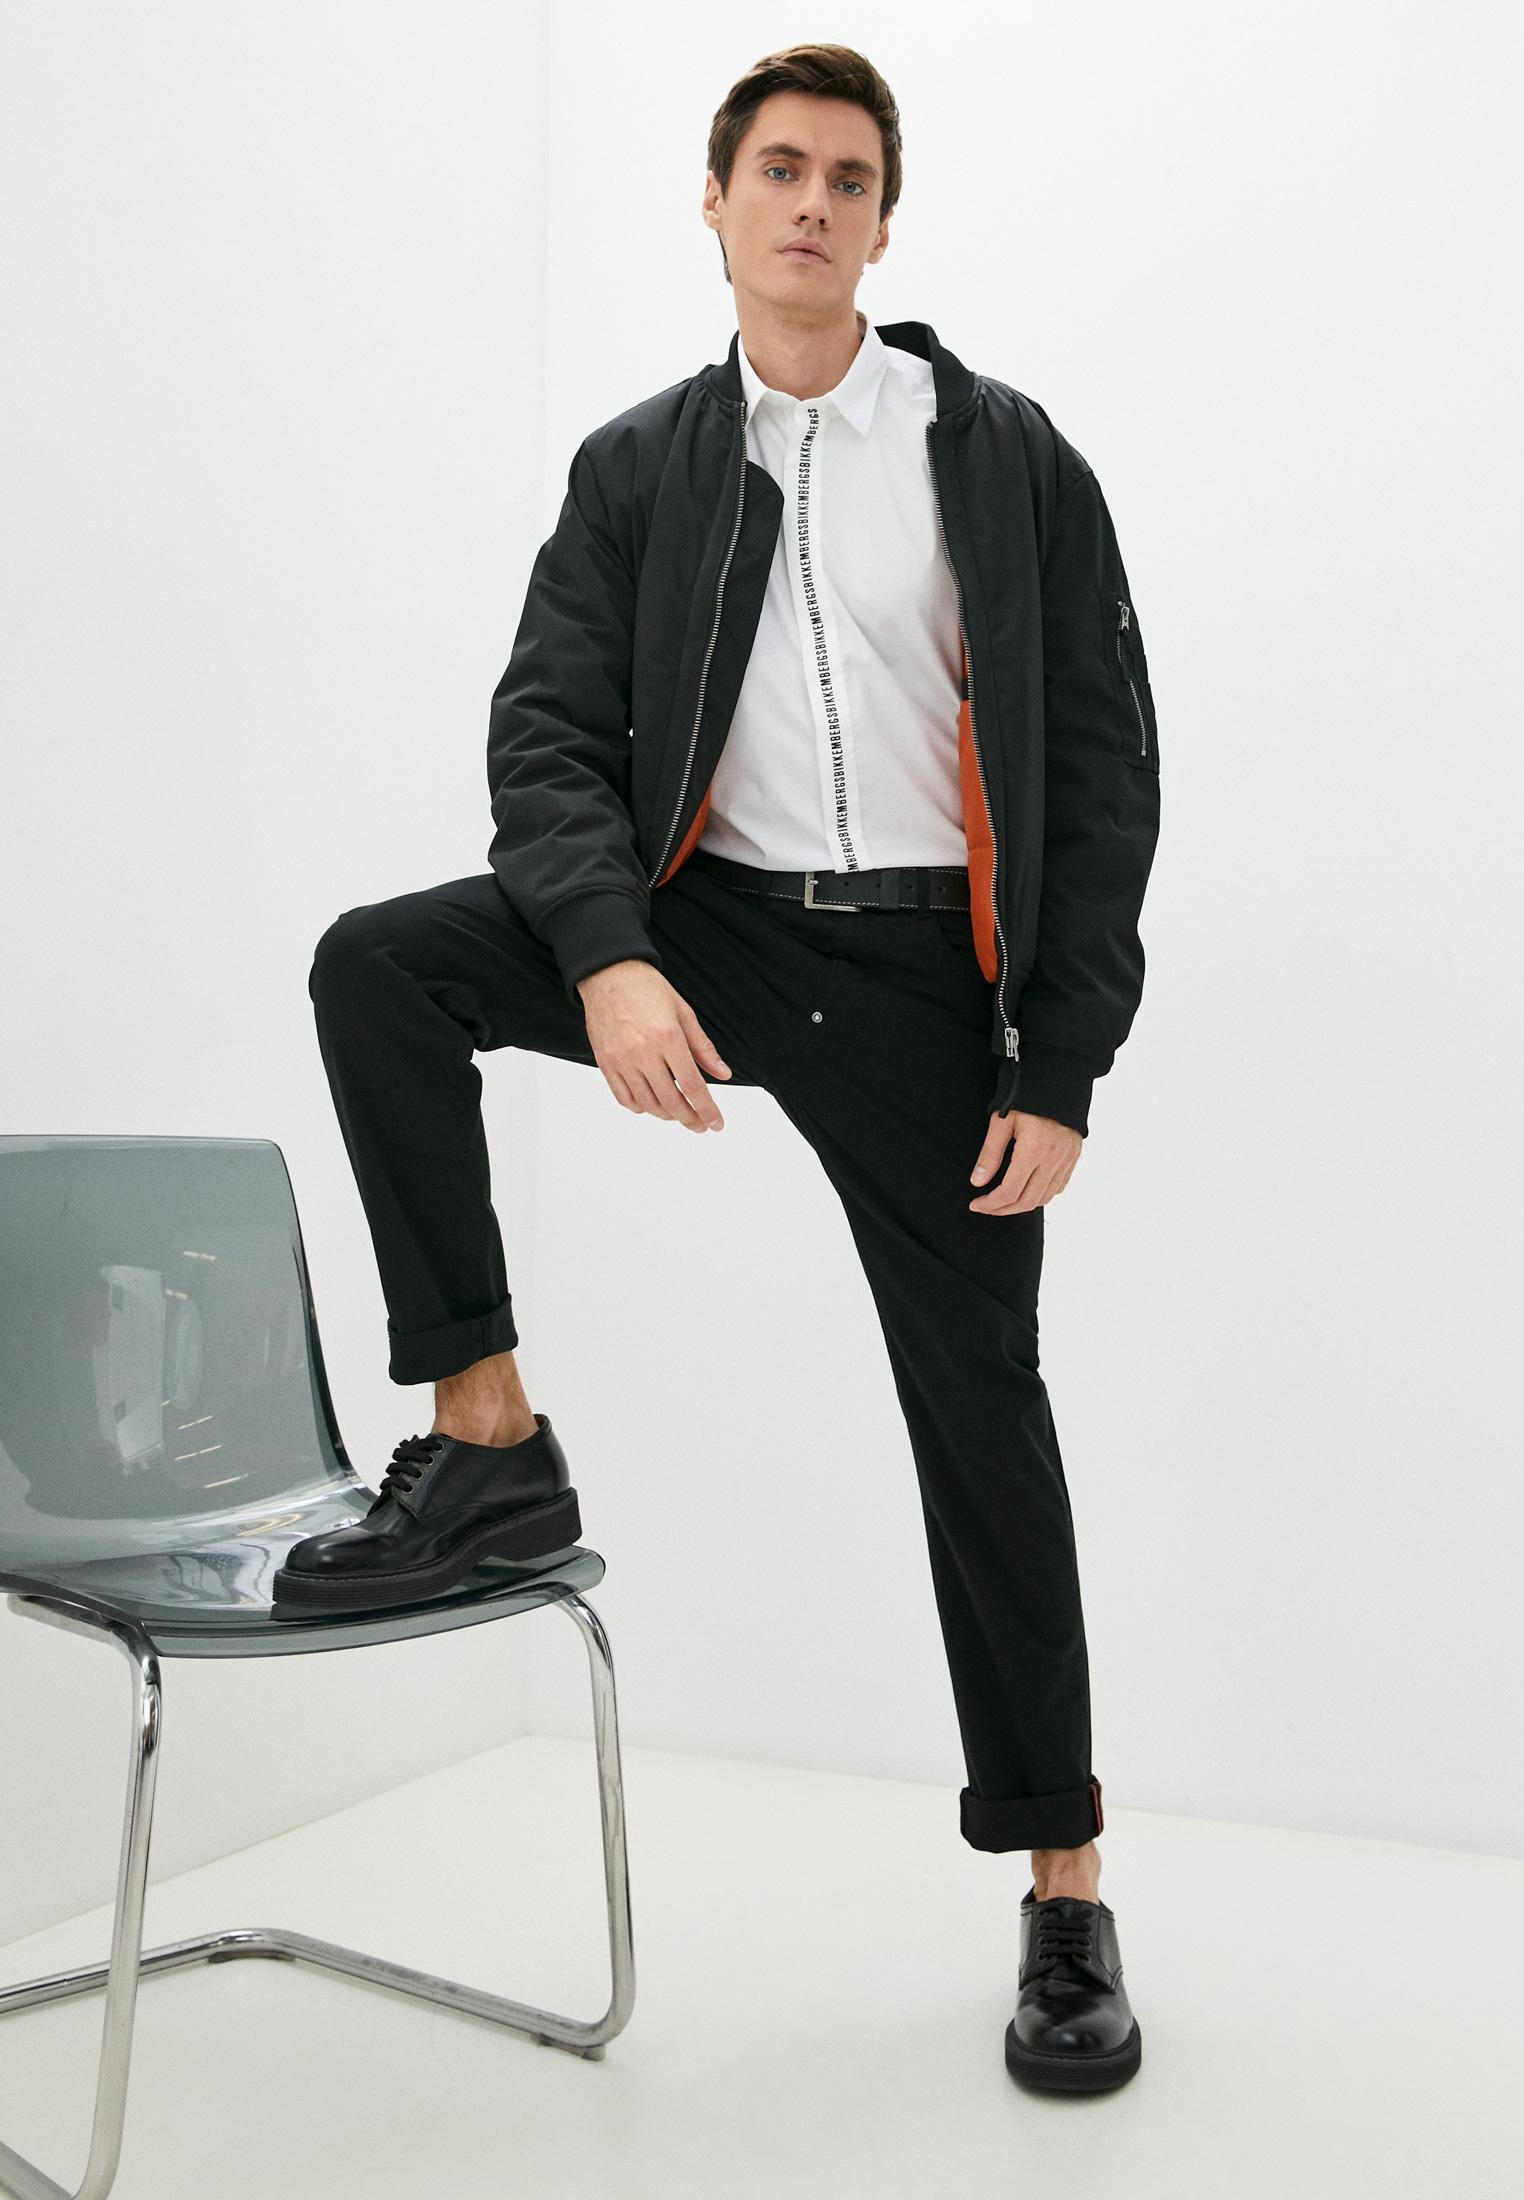 Мужские брюки Bikkembergs (Биккембергс) C Q 101 02 S 3279: изображение 3